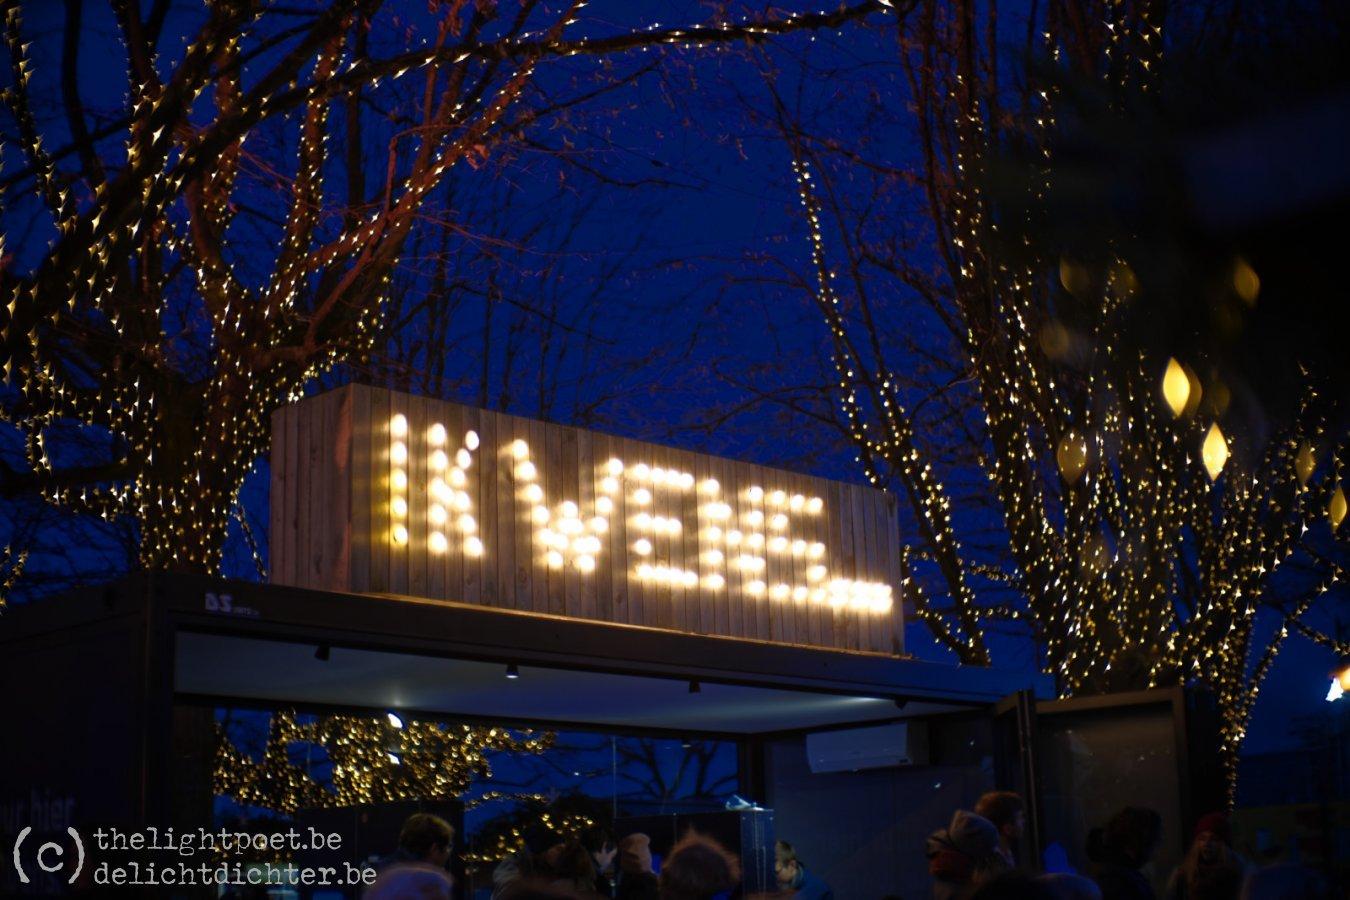 2019_12_XKerstmarkt_20191215_174825_DxO_PL3_1600px